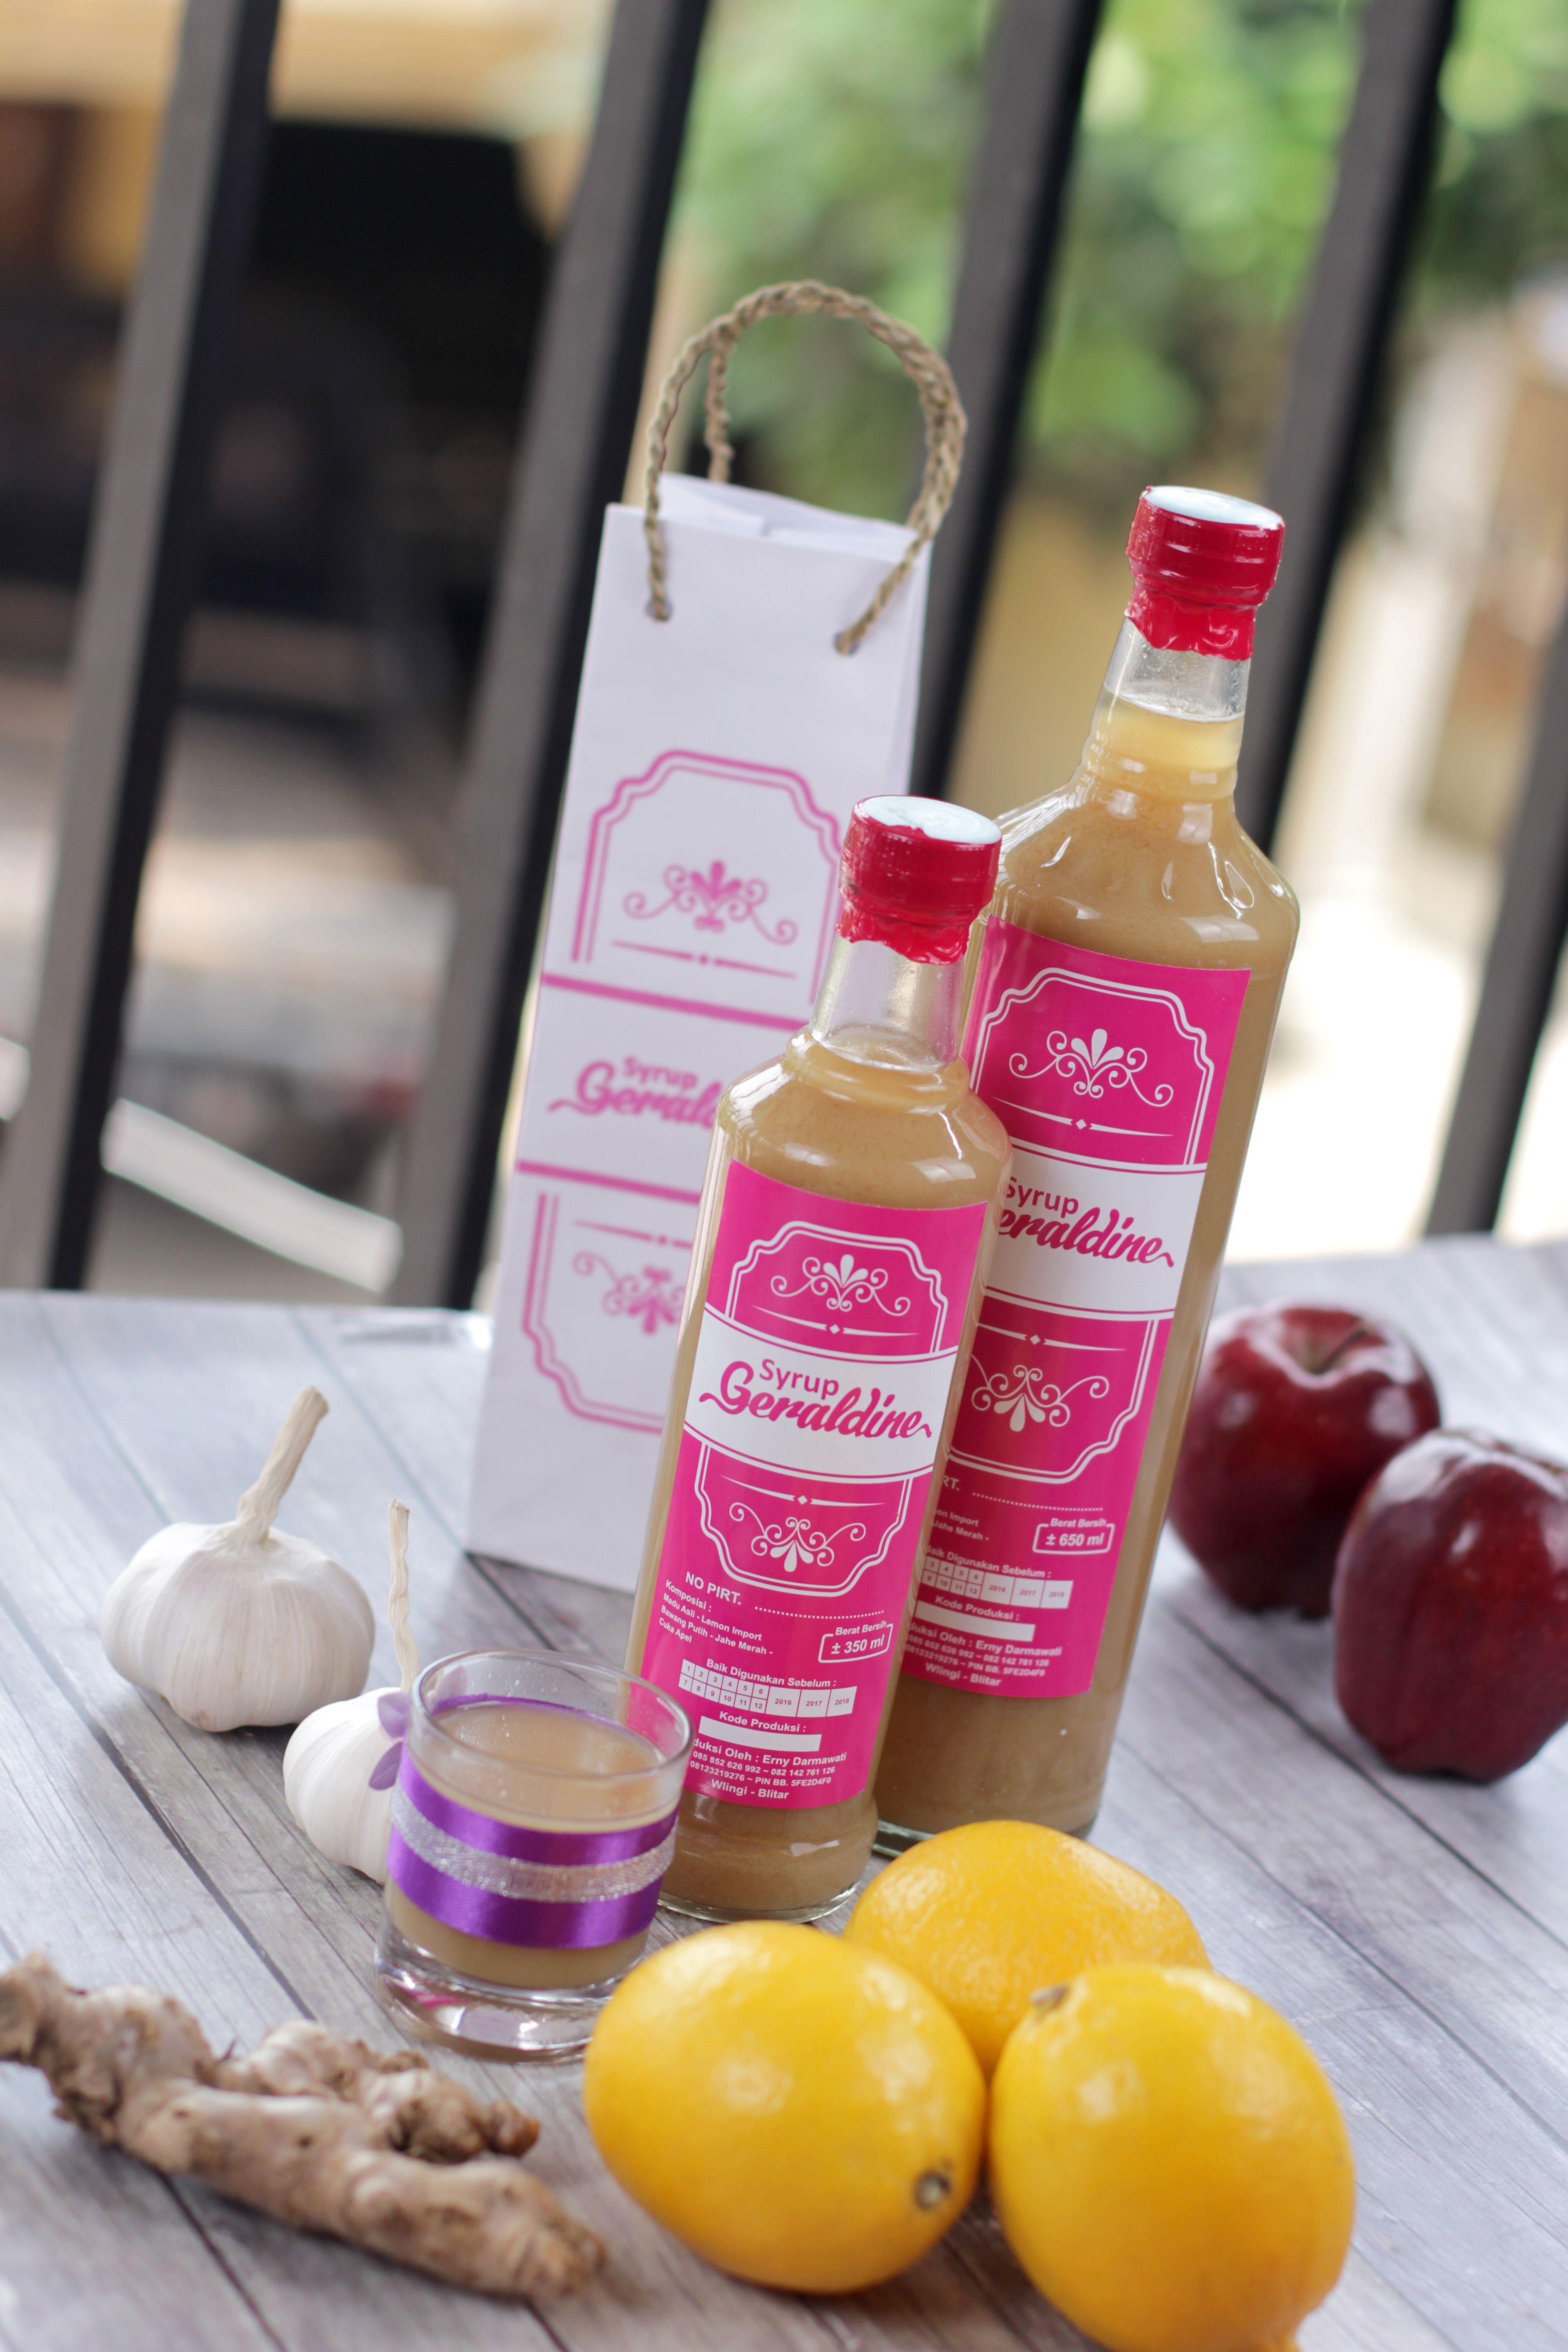 Cuka Dixi 650ml Daftar Harga Terkini Dan Termurah Indonesia Vena Cleanse Ozara Madu Sari Lemon Apel Bawang Putih Jahe325 Ml Syrup Branding